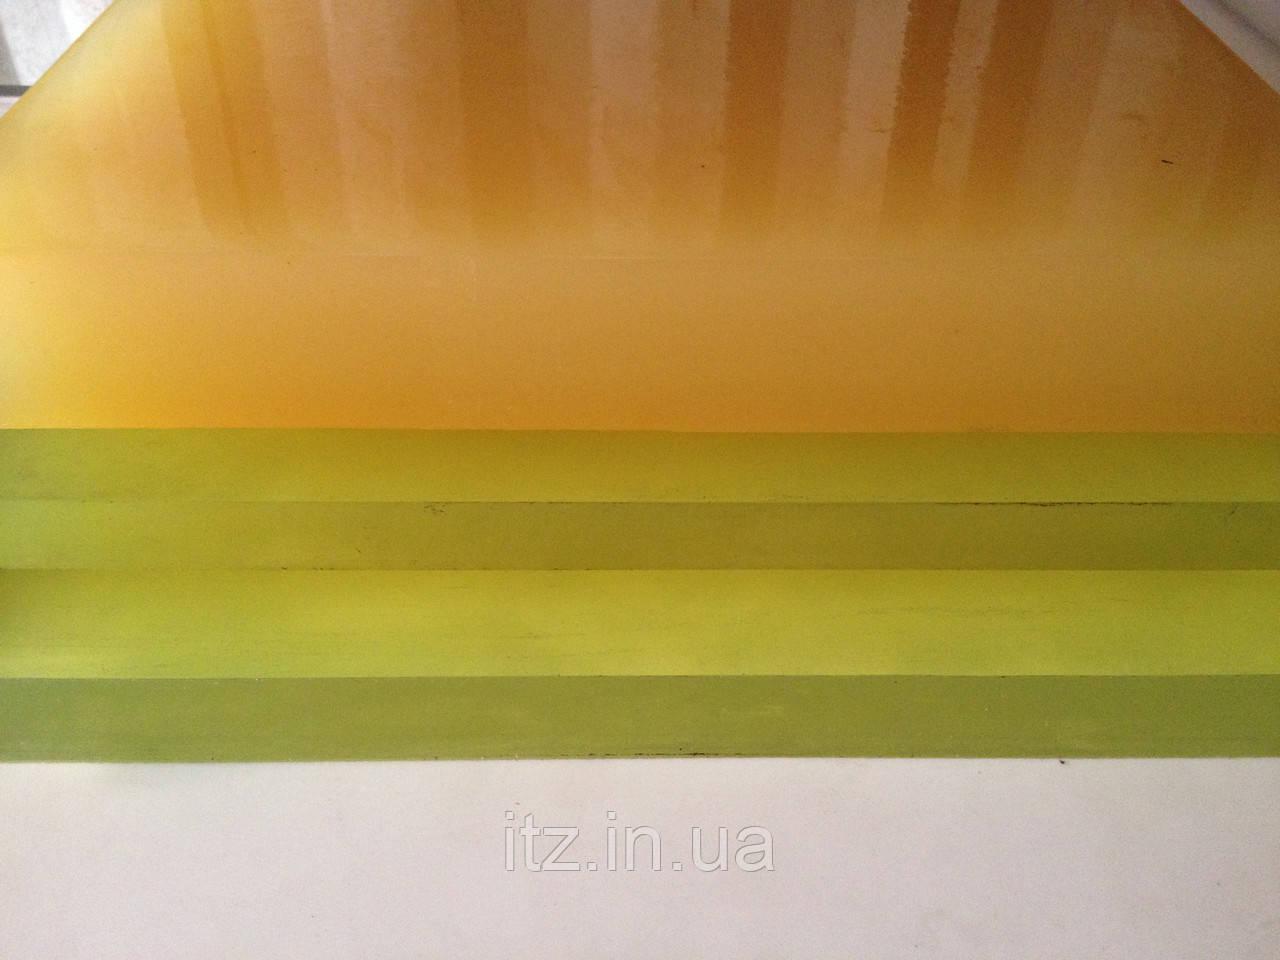 Полиуретан листовой, толщина 60 мм